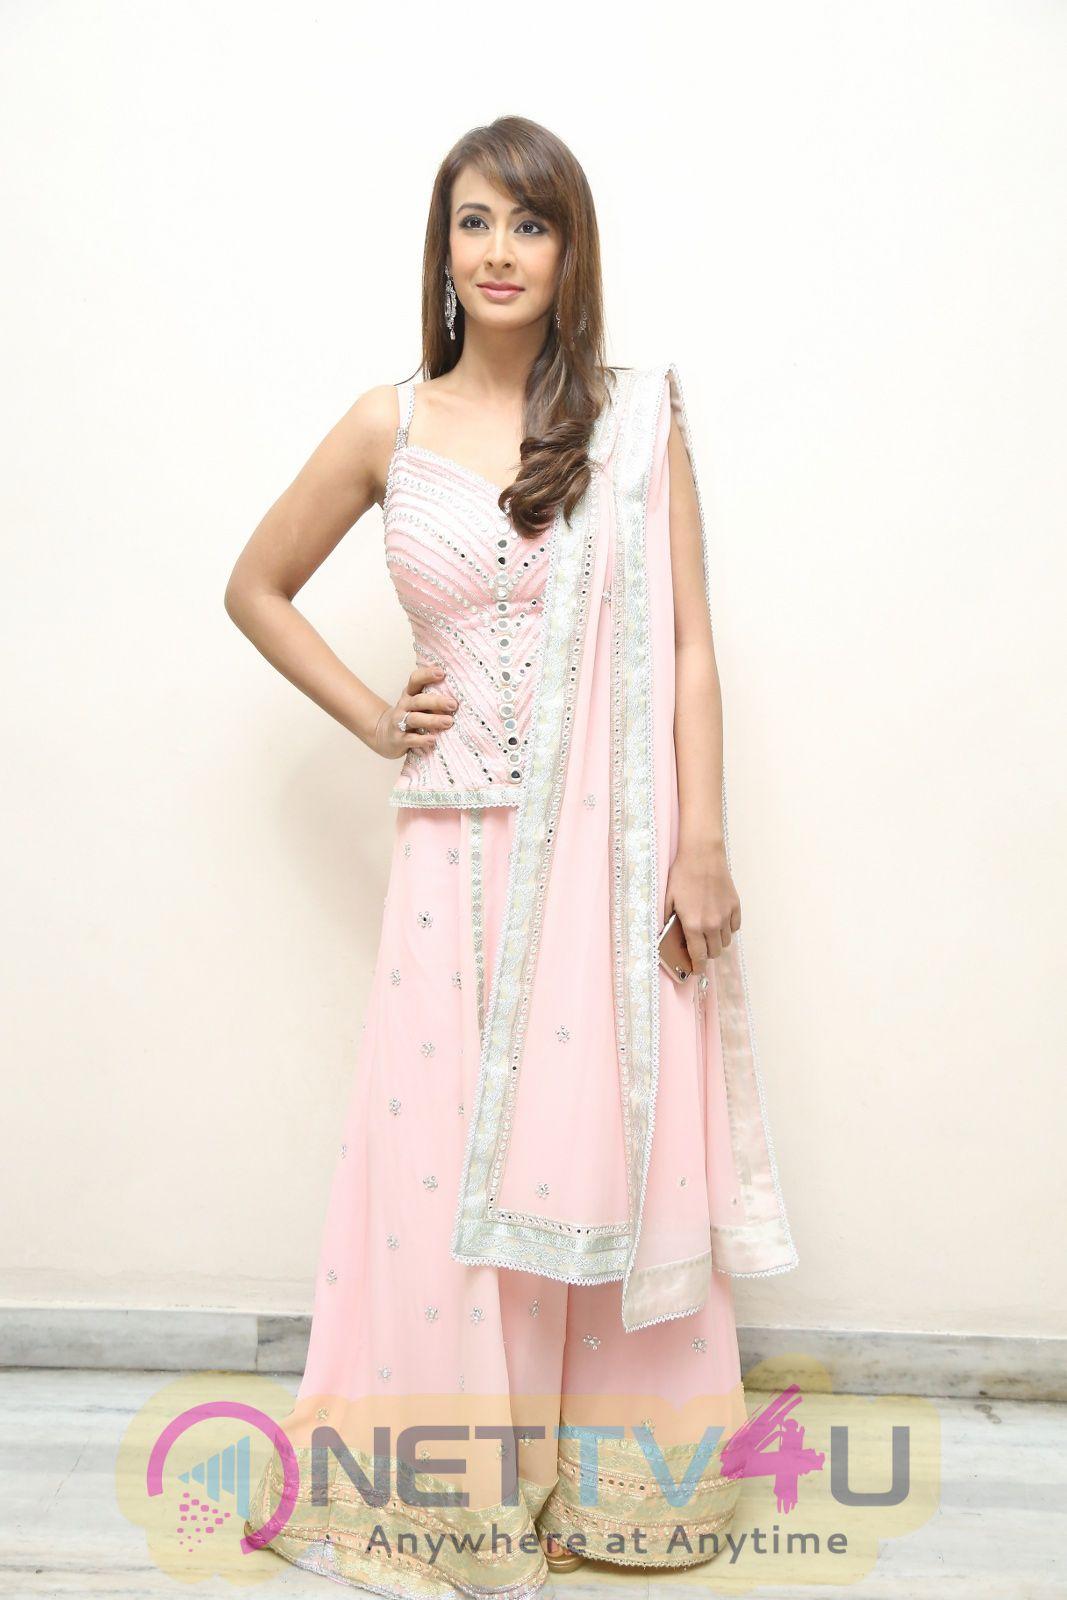 Actress Preeti Jhangiani Good Looking Images